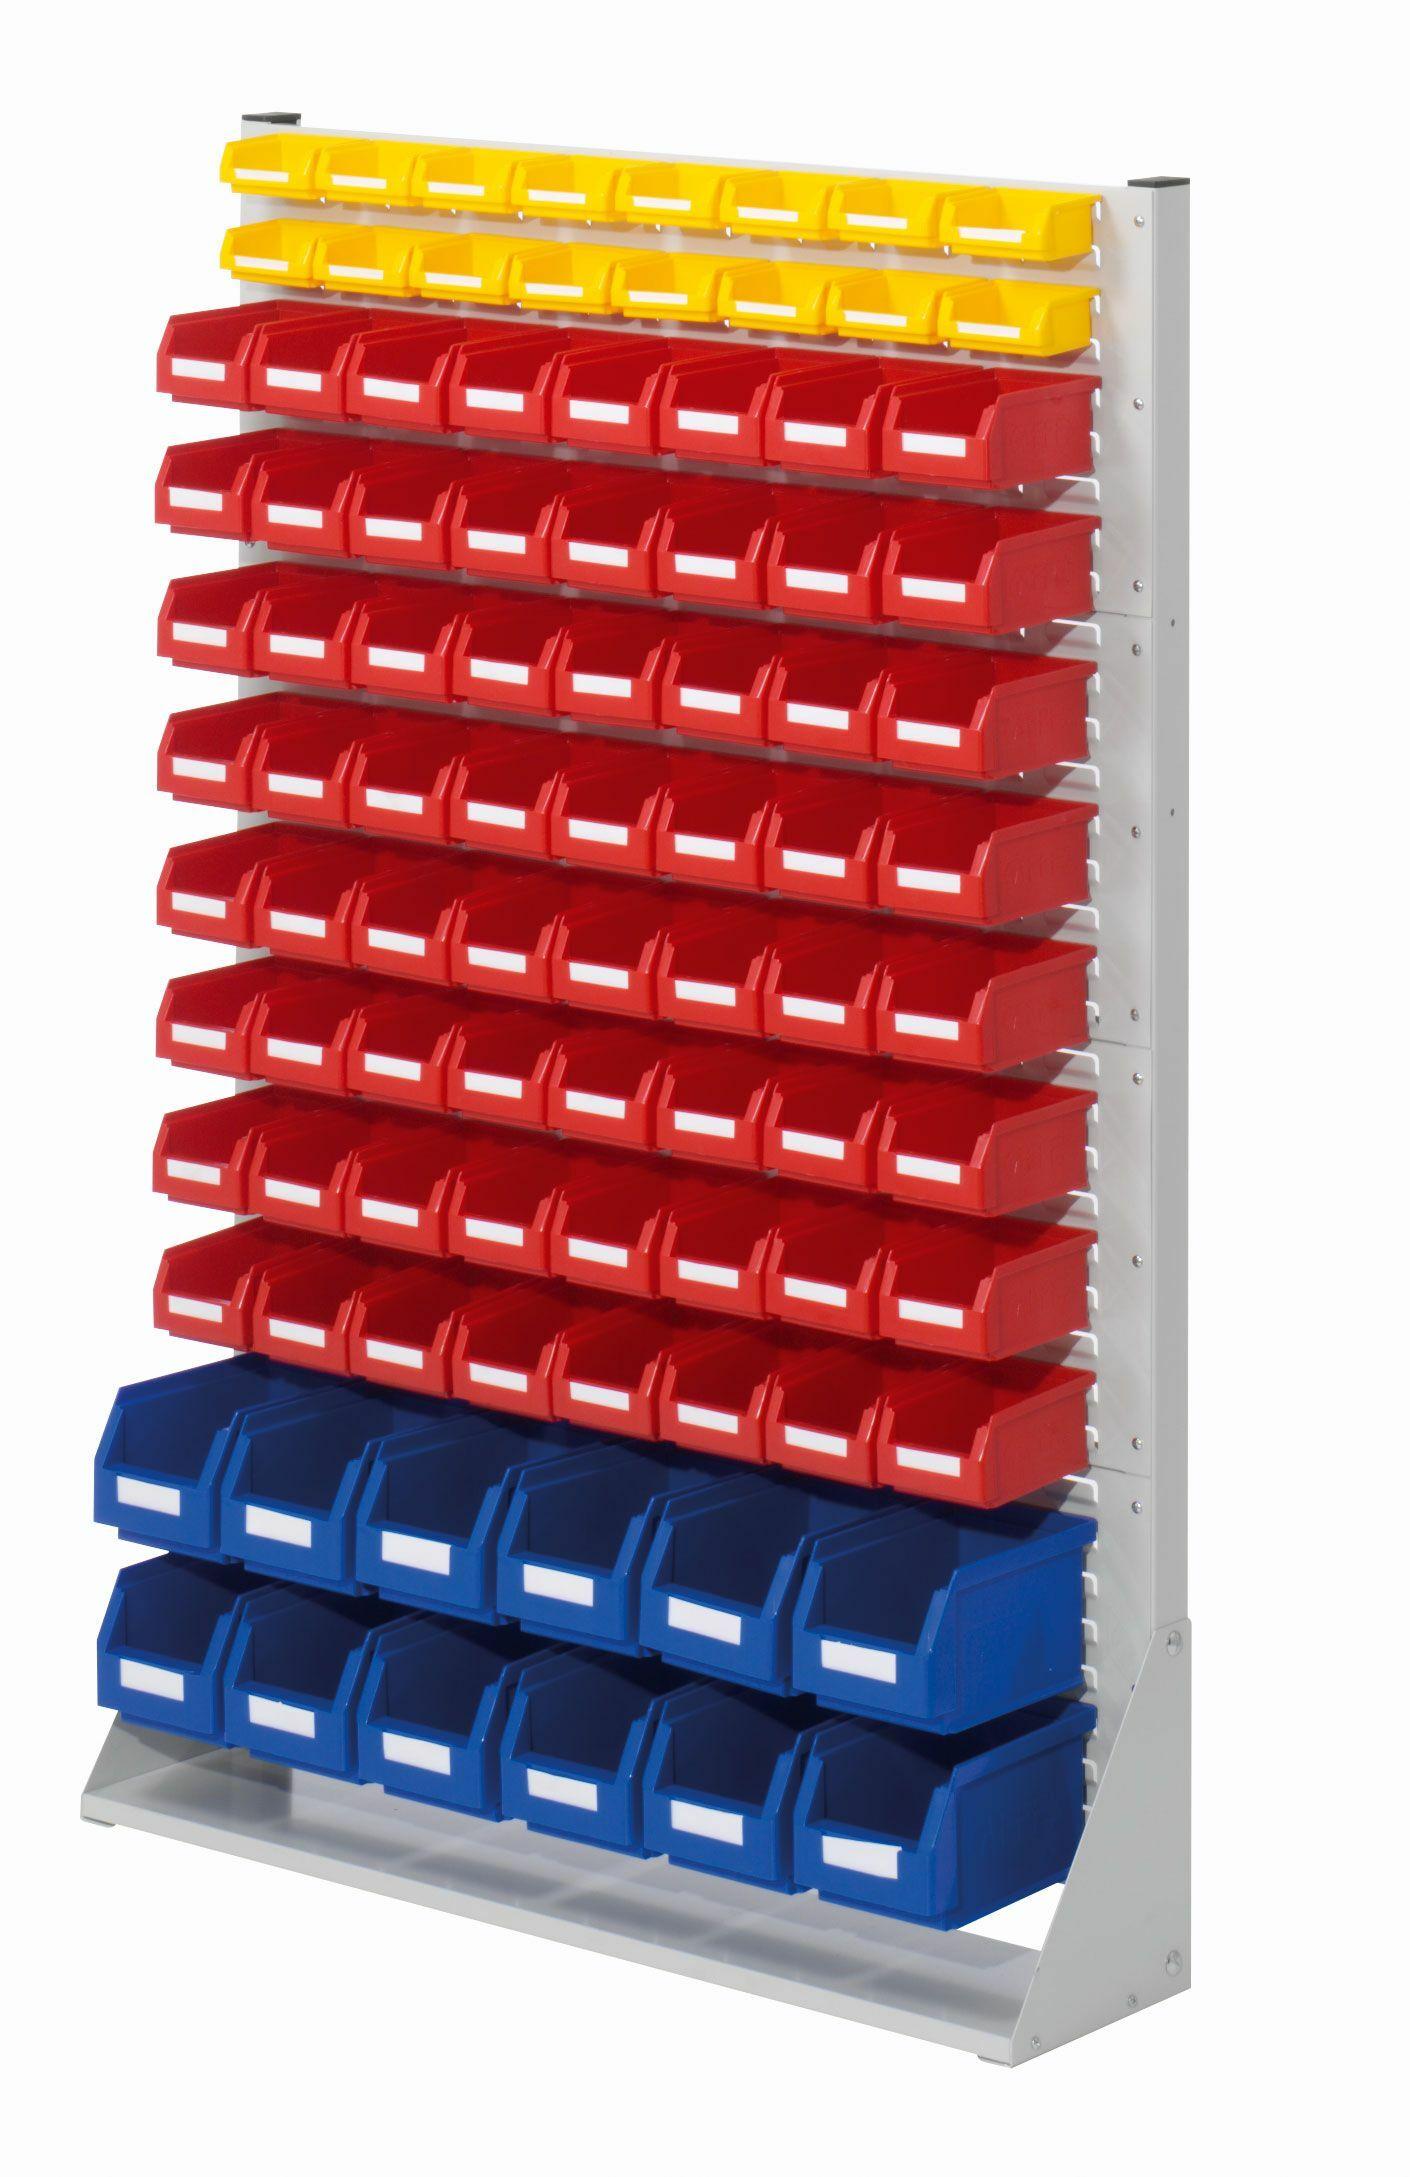 lagersichtkästen mit ordnungssystemen günstig kaufen | padberg +